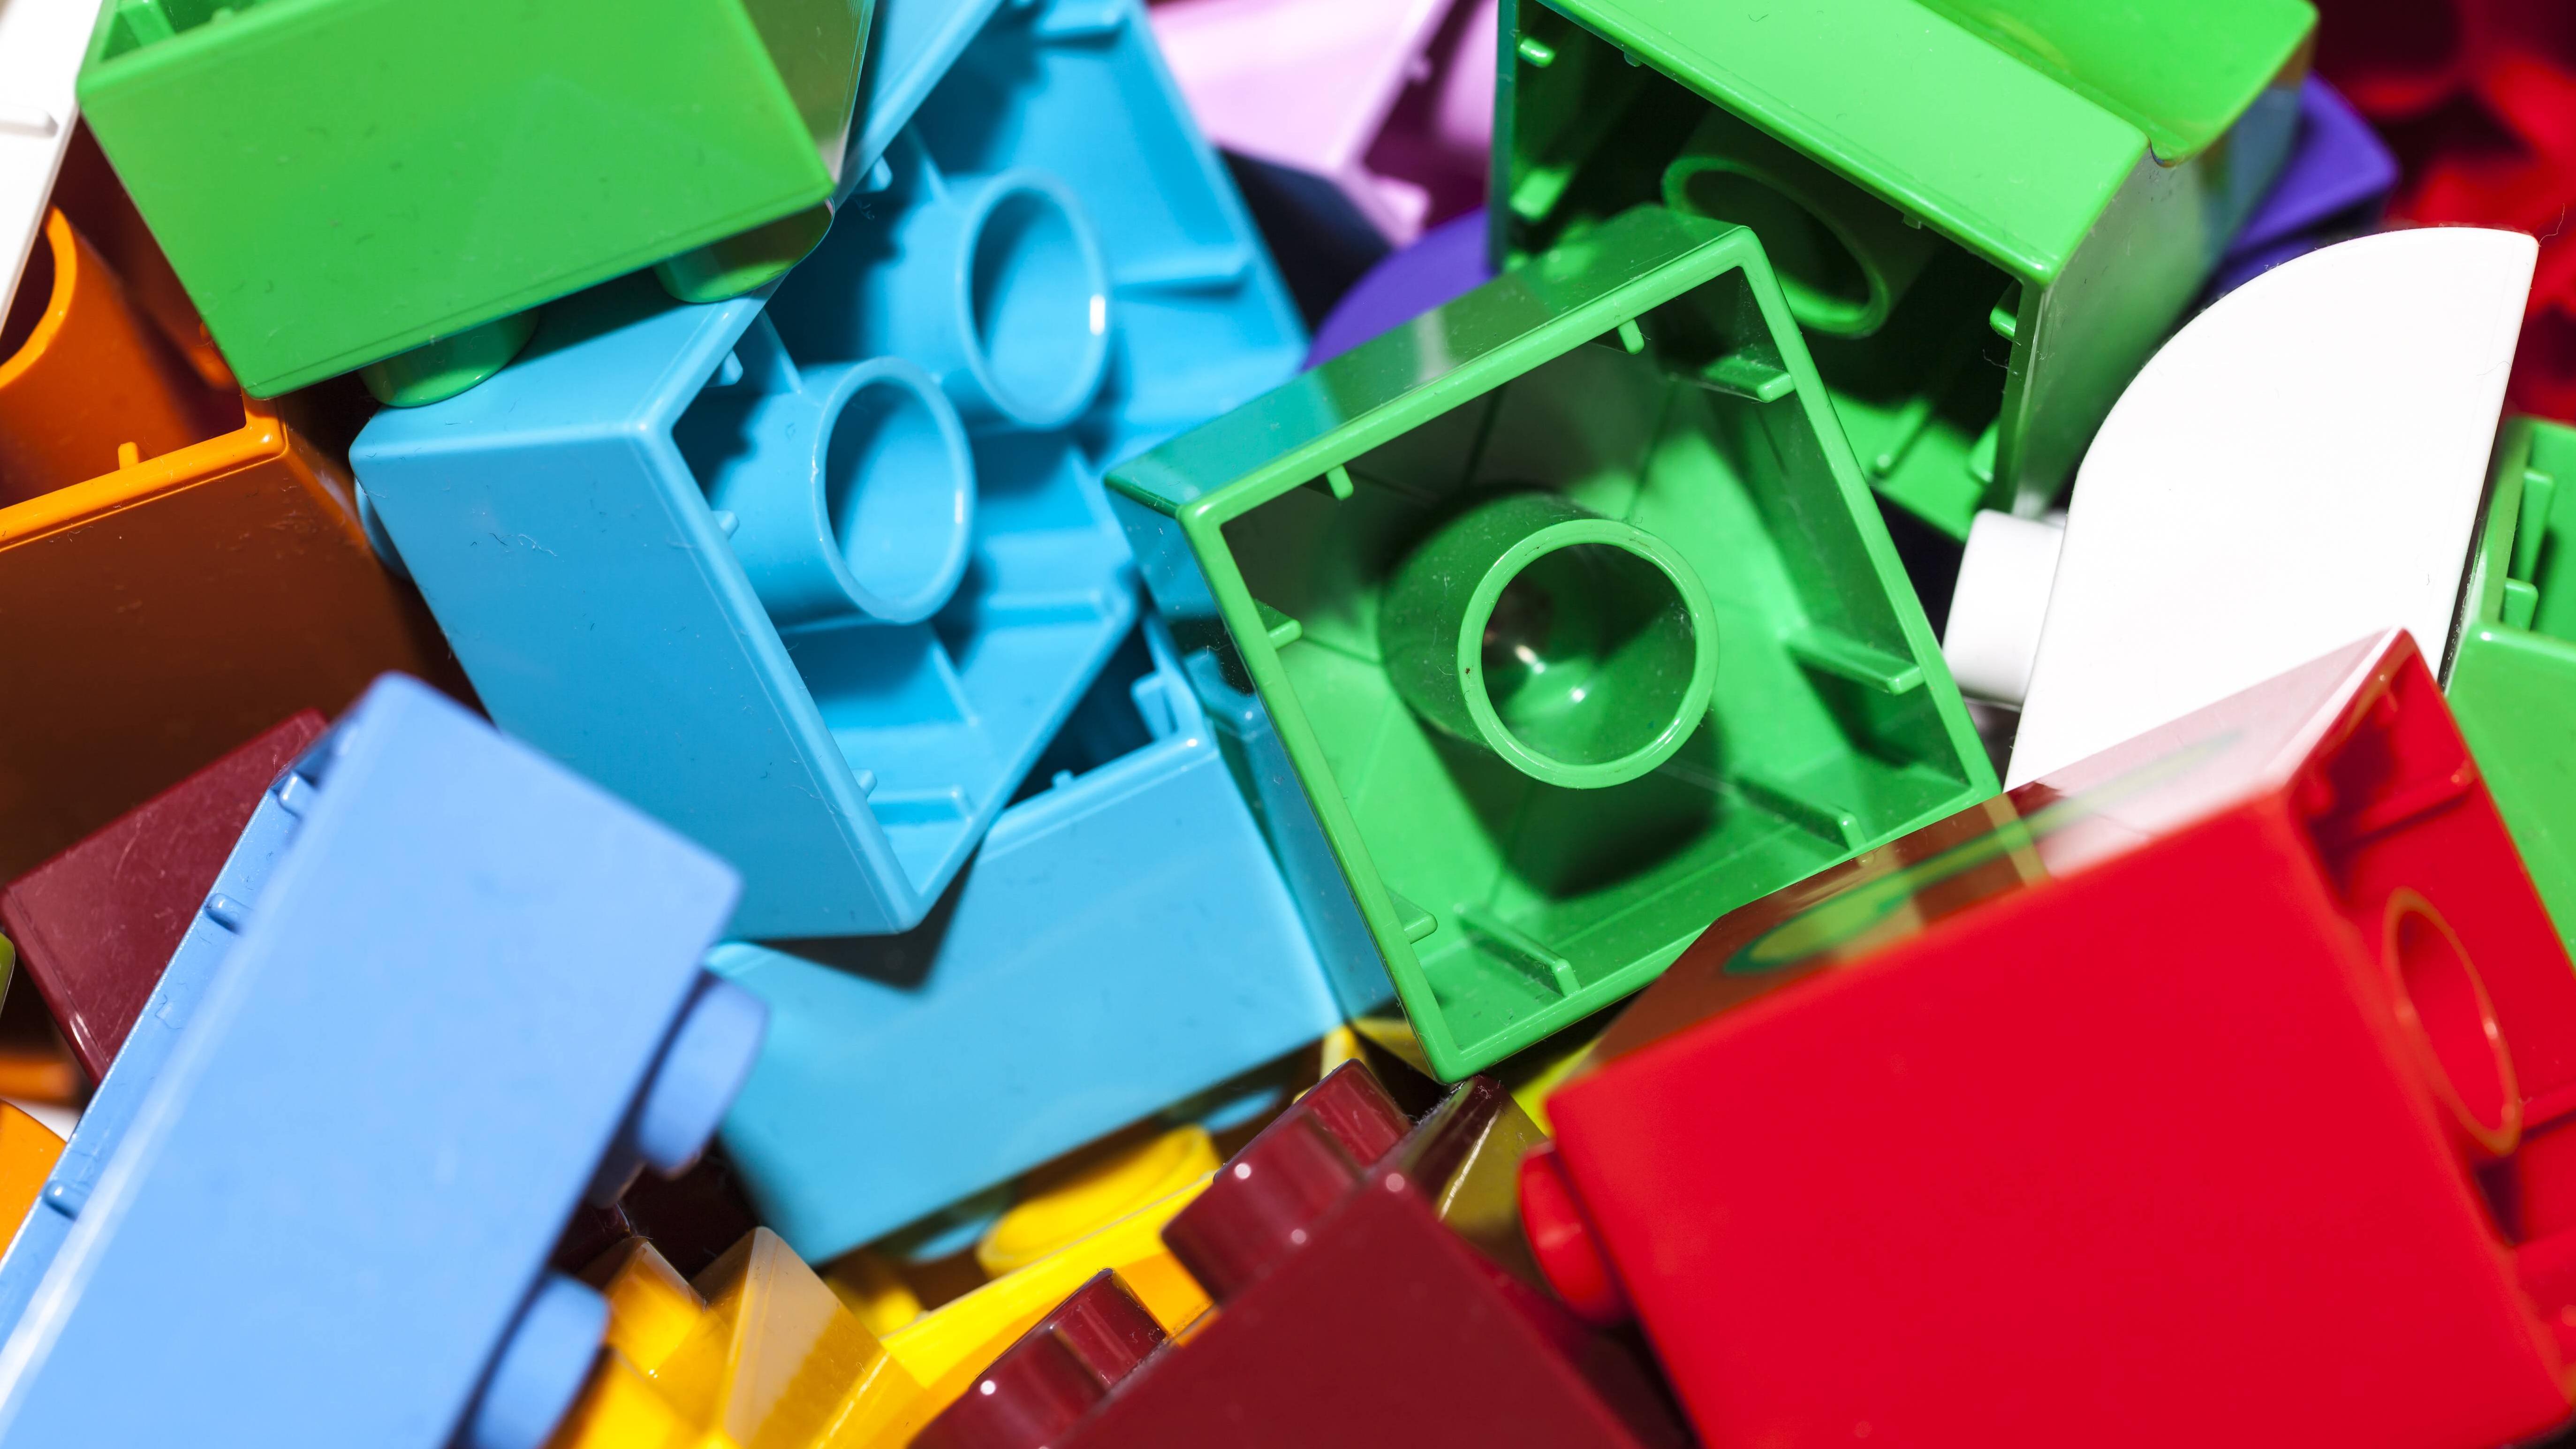 Mit Lego-Bausätzen lässt sich ein Adventskalender wunderbar füllen.